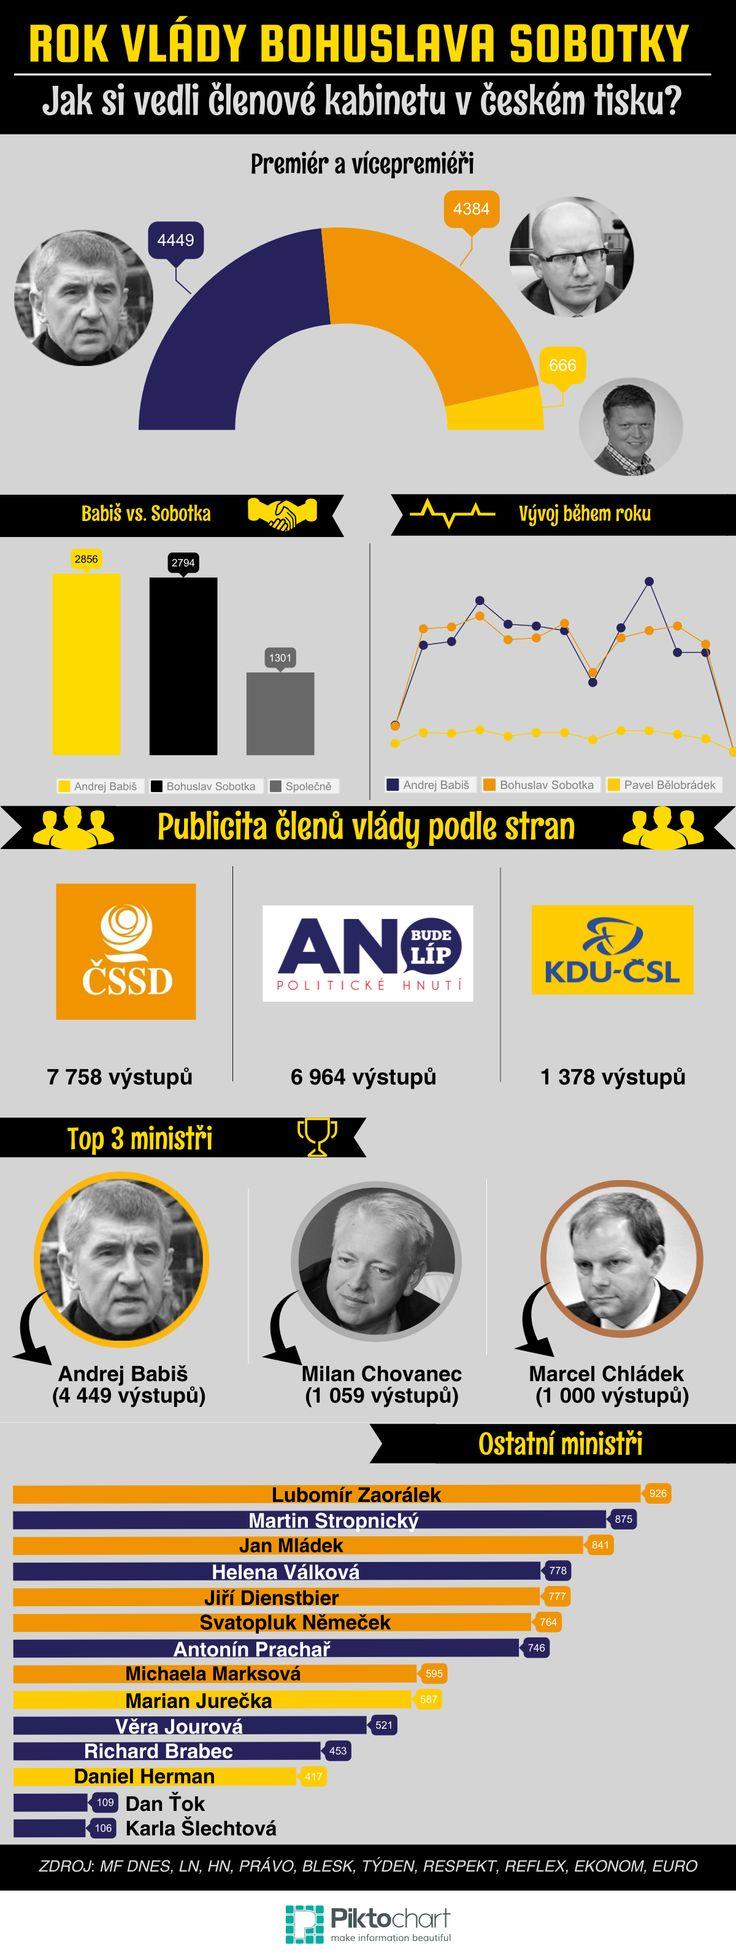 Infografika - rok vlády Bohuslava Sobotky